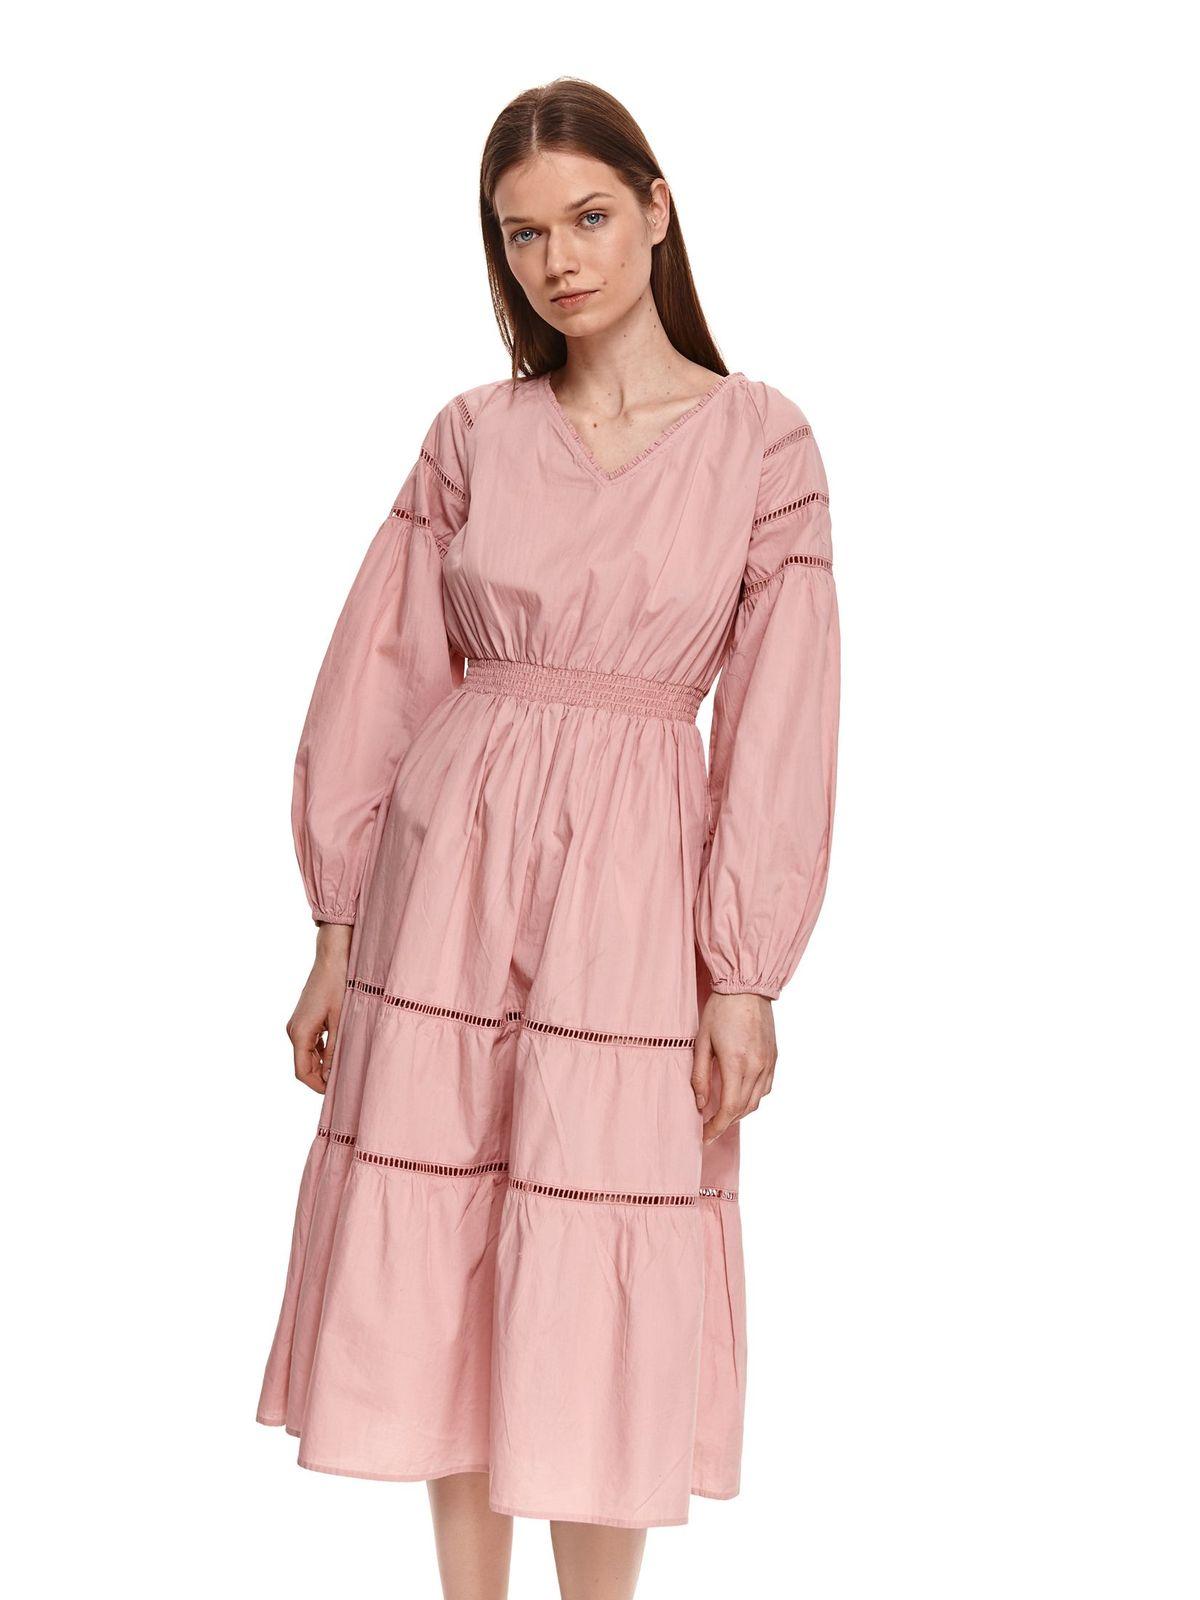 Rochie Top Secret roz prafuit midi in clos cu elastic in talie din bumbac subtire cu maneci bufante